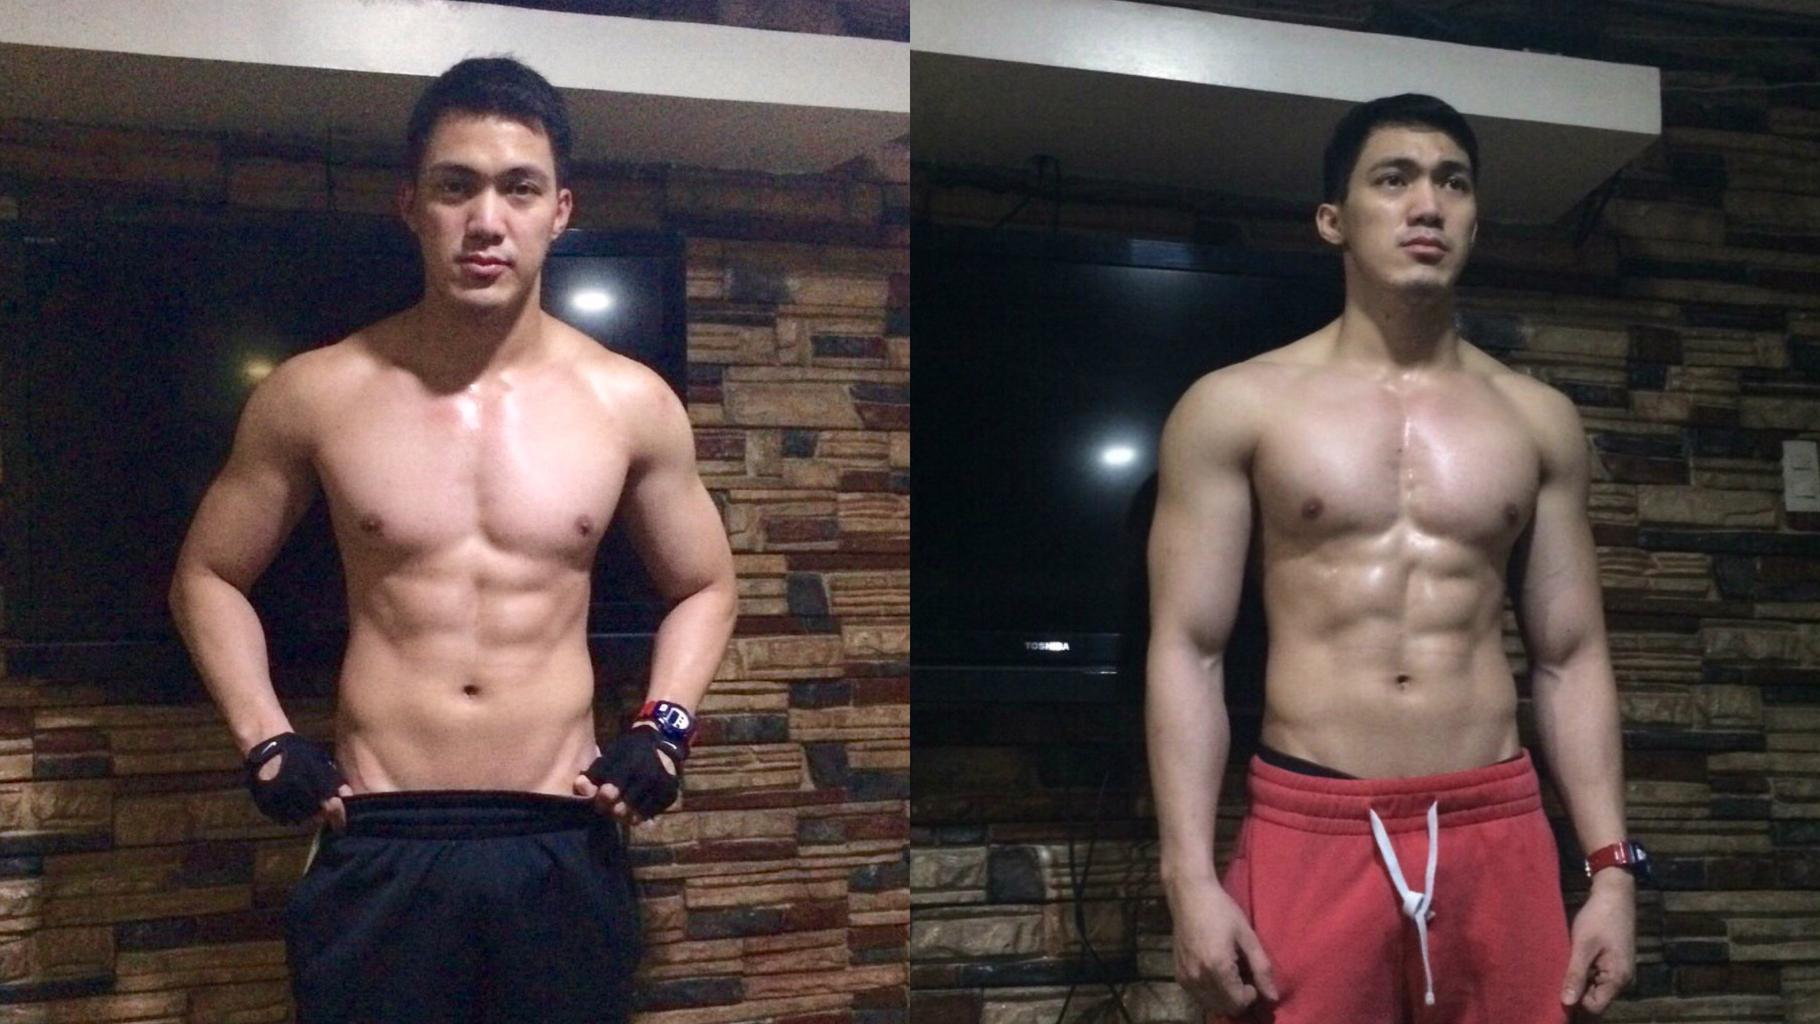 Muscle building photo comparison